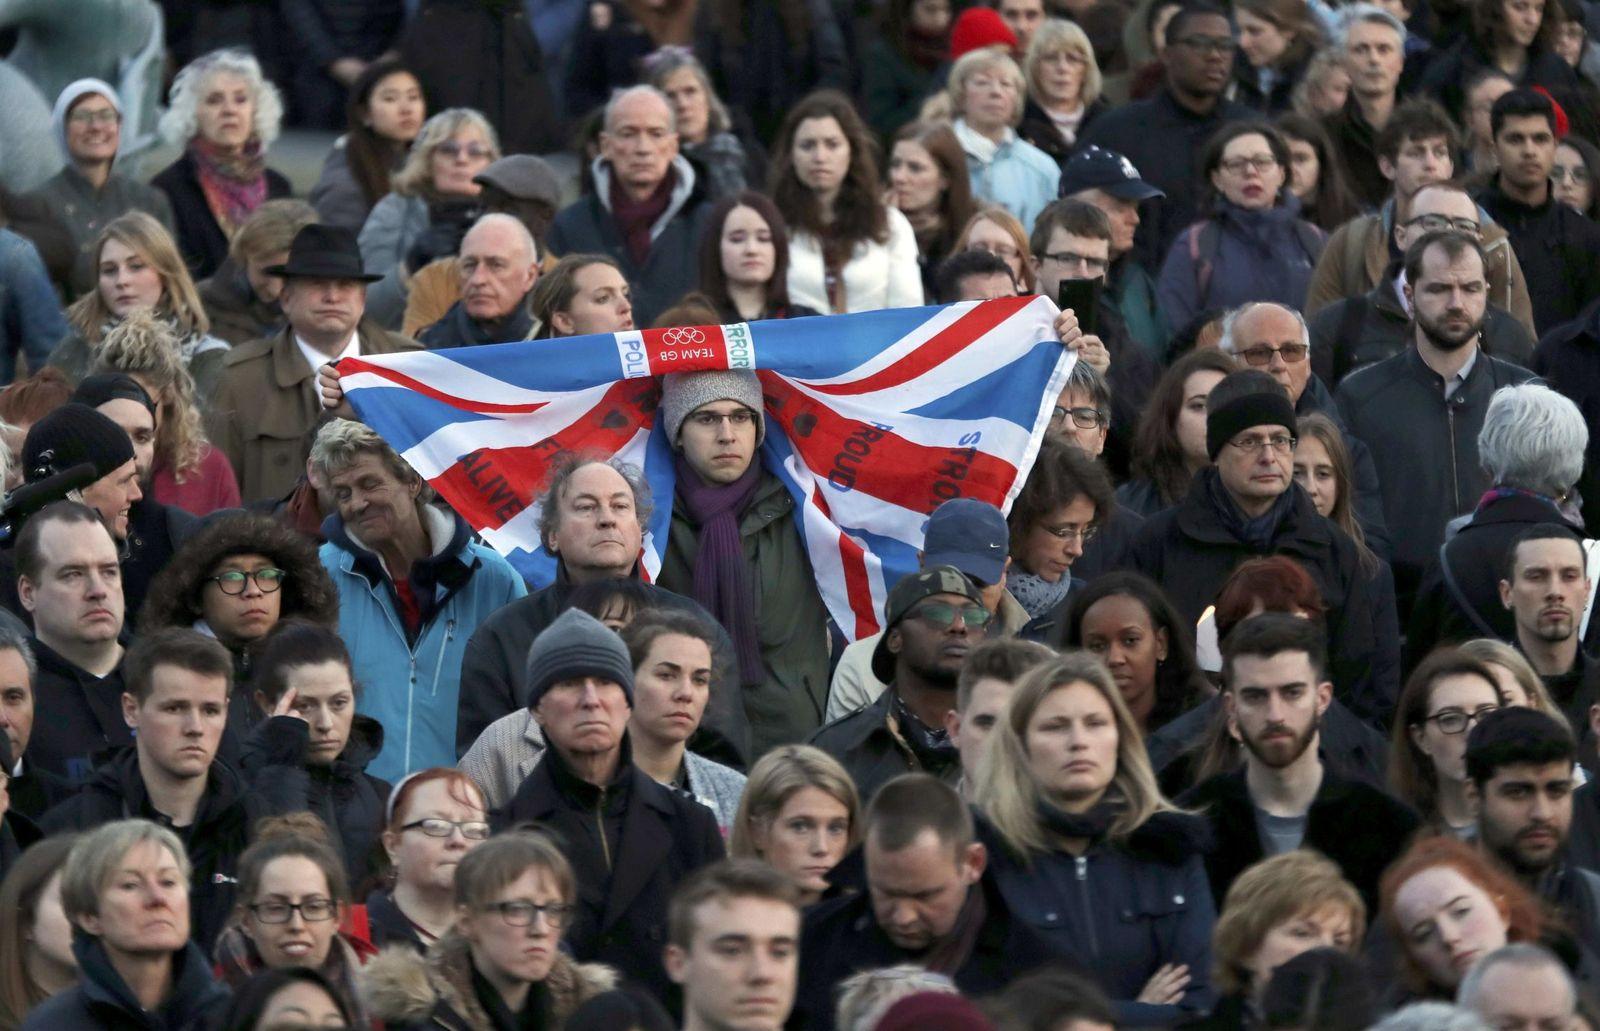 Foto: Miles de personas se concentran en Trafalgar Square para homenajear a las víctimas